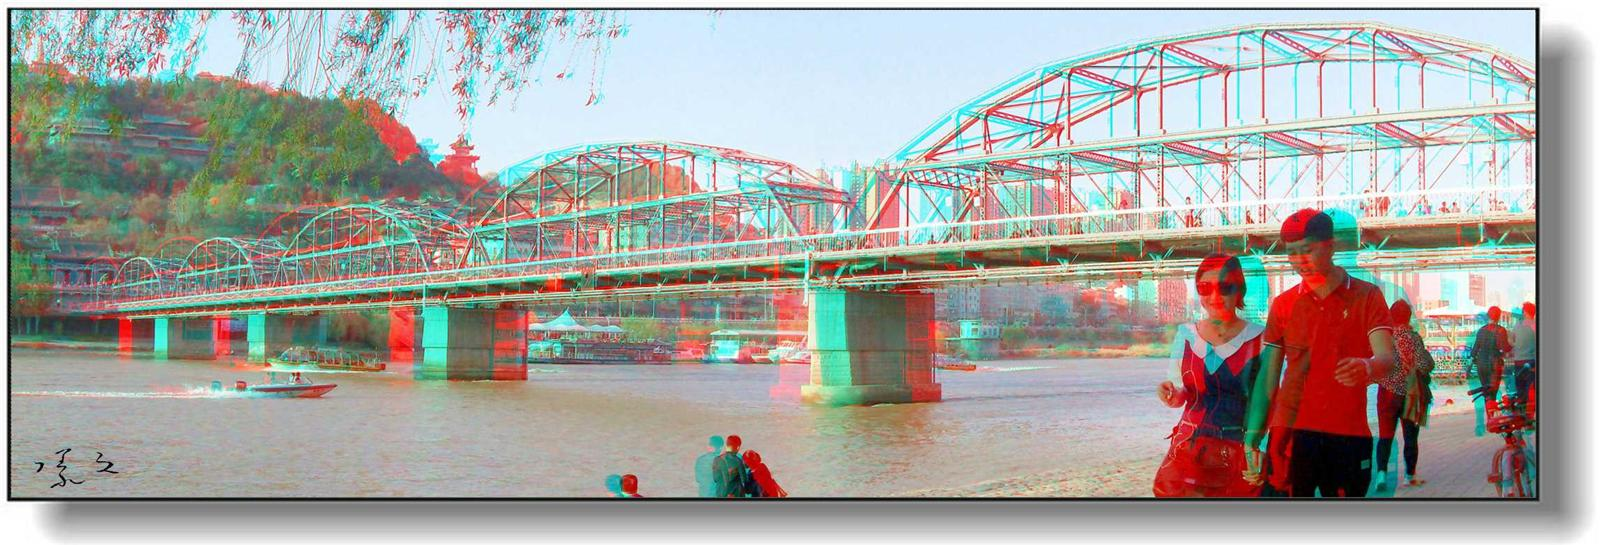 【原创】黄河桥下的风景